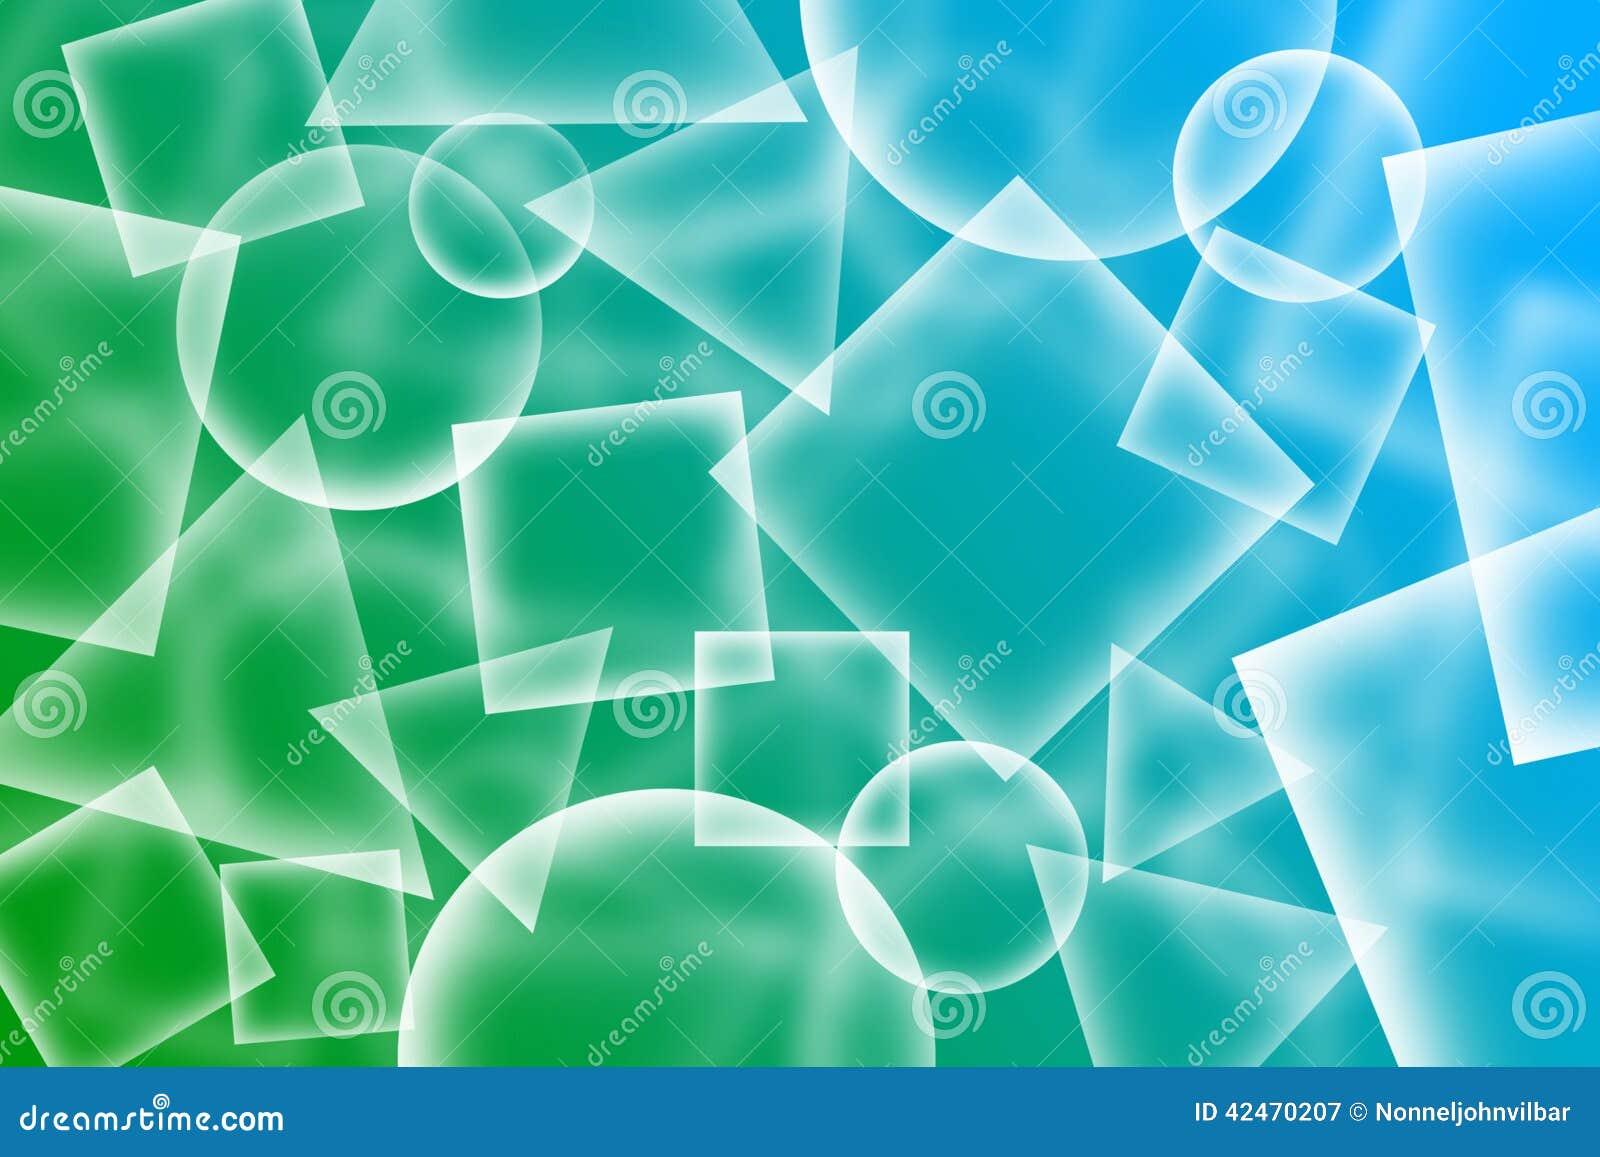 Abstrakter transparenter Formhintergrund